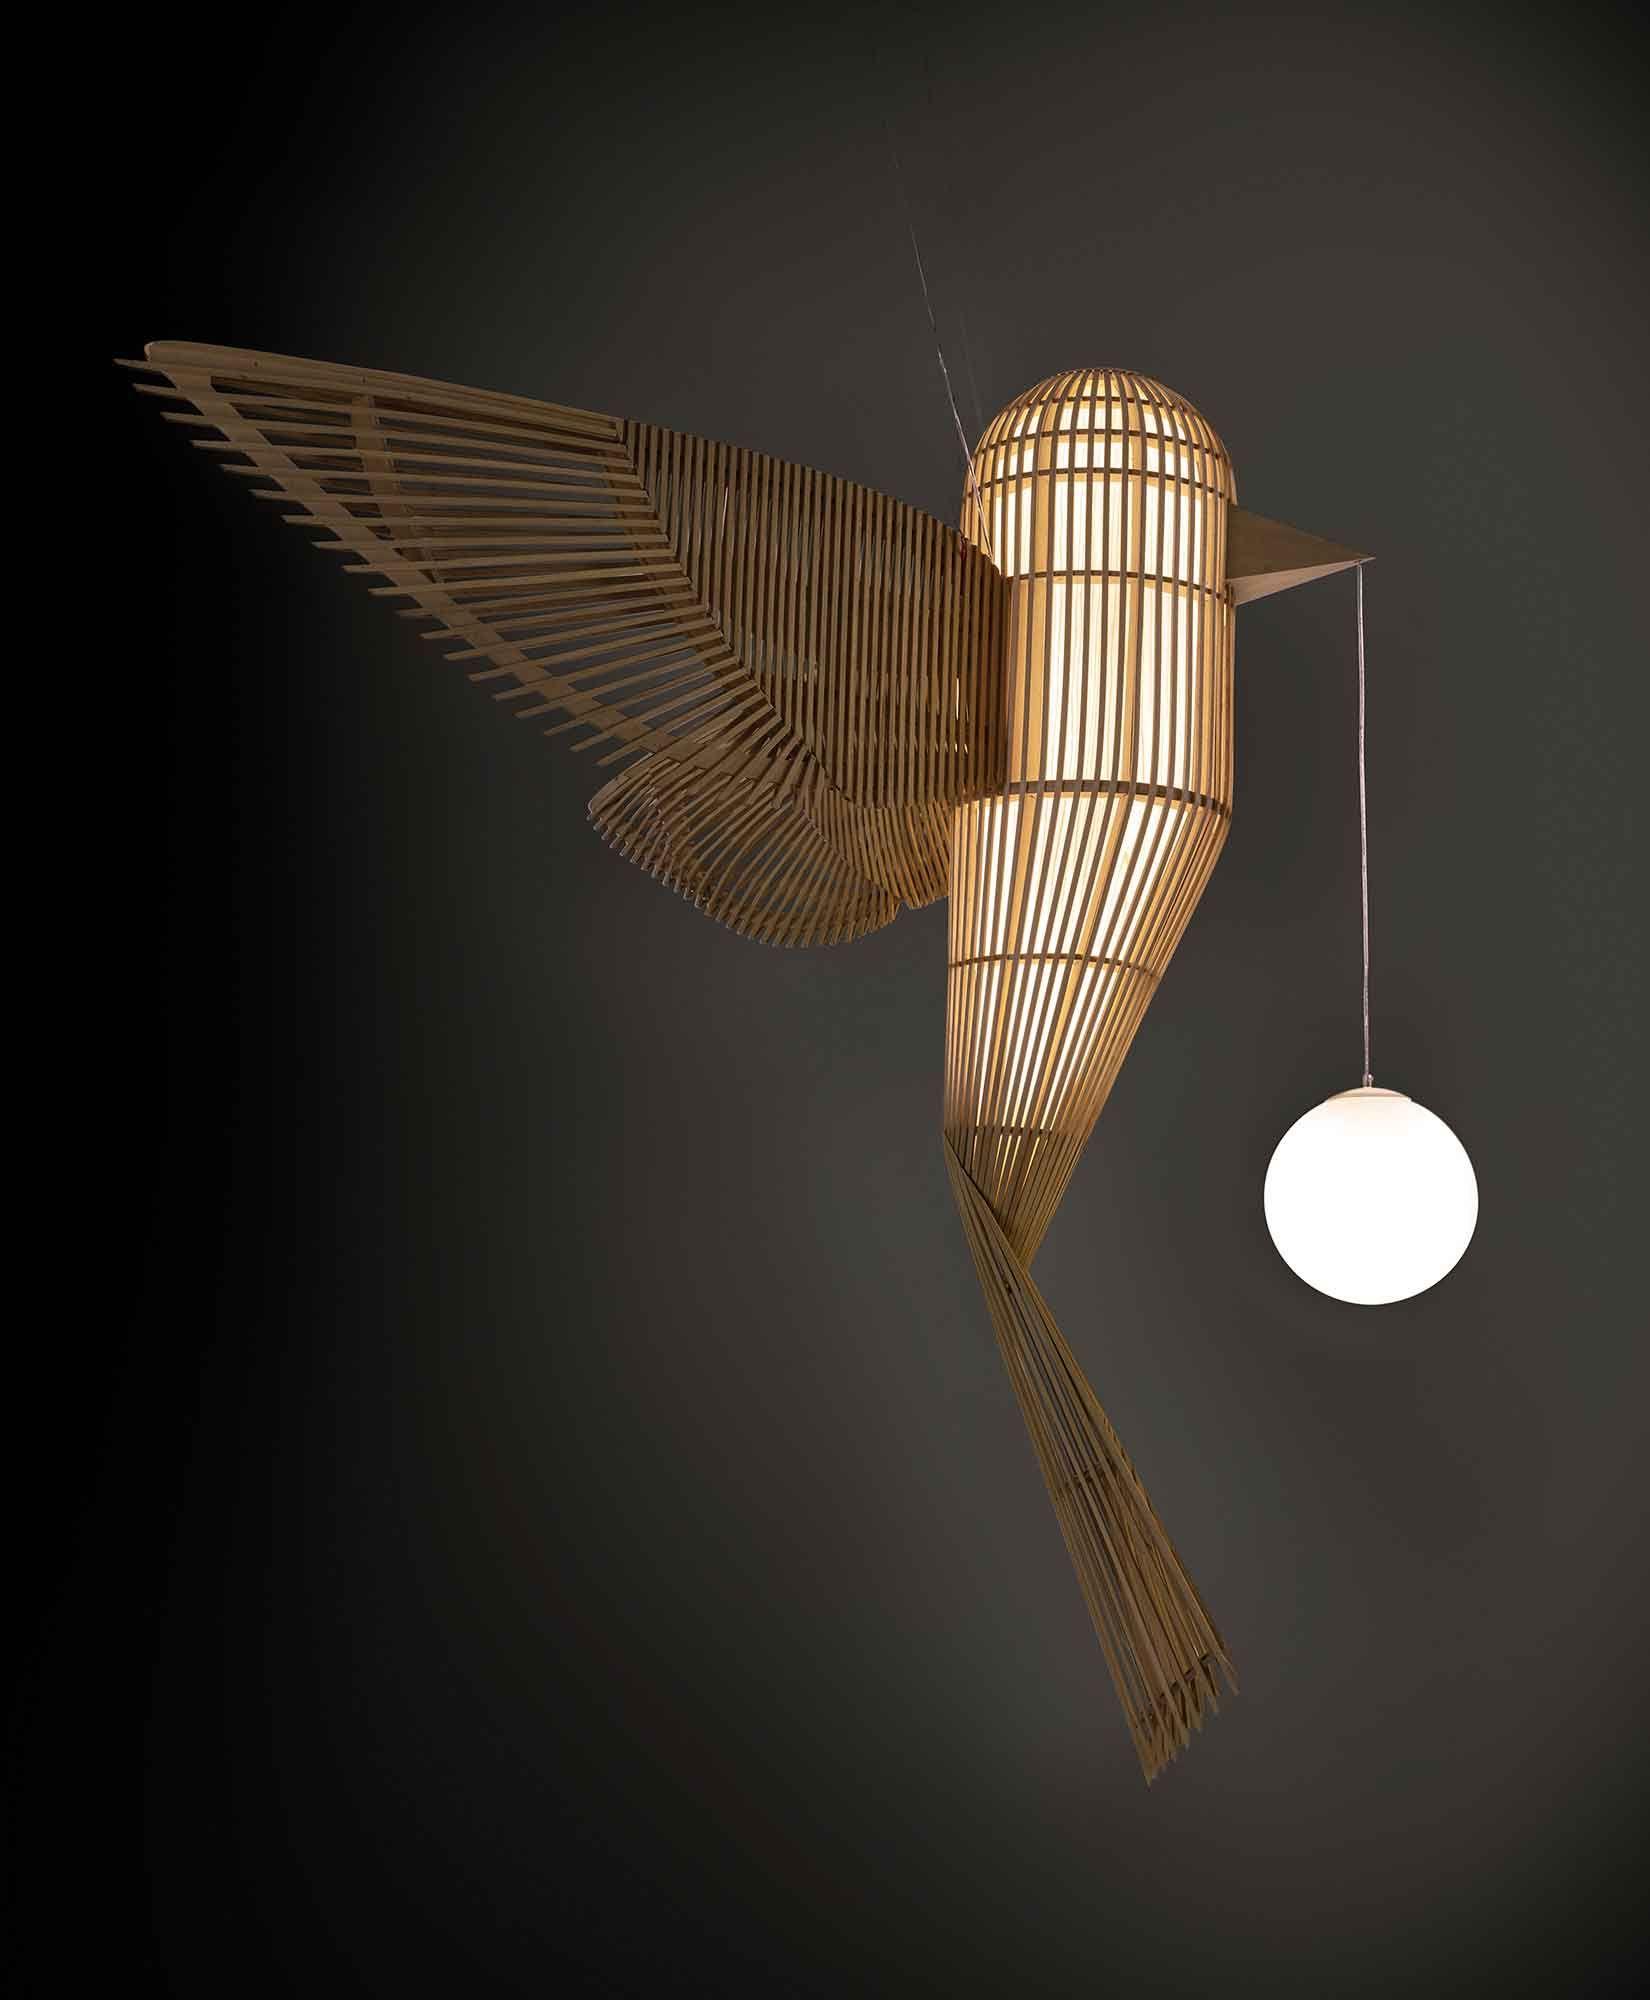 Der Lebensgrosse Big Bird Von Isidro Ferrer Wird In Der Traditionellen Handwerkstechnik Vareta Hergestellt Der Gr Holzfurnier Lampen Design Leuchten Design